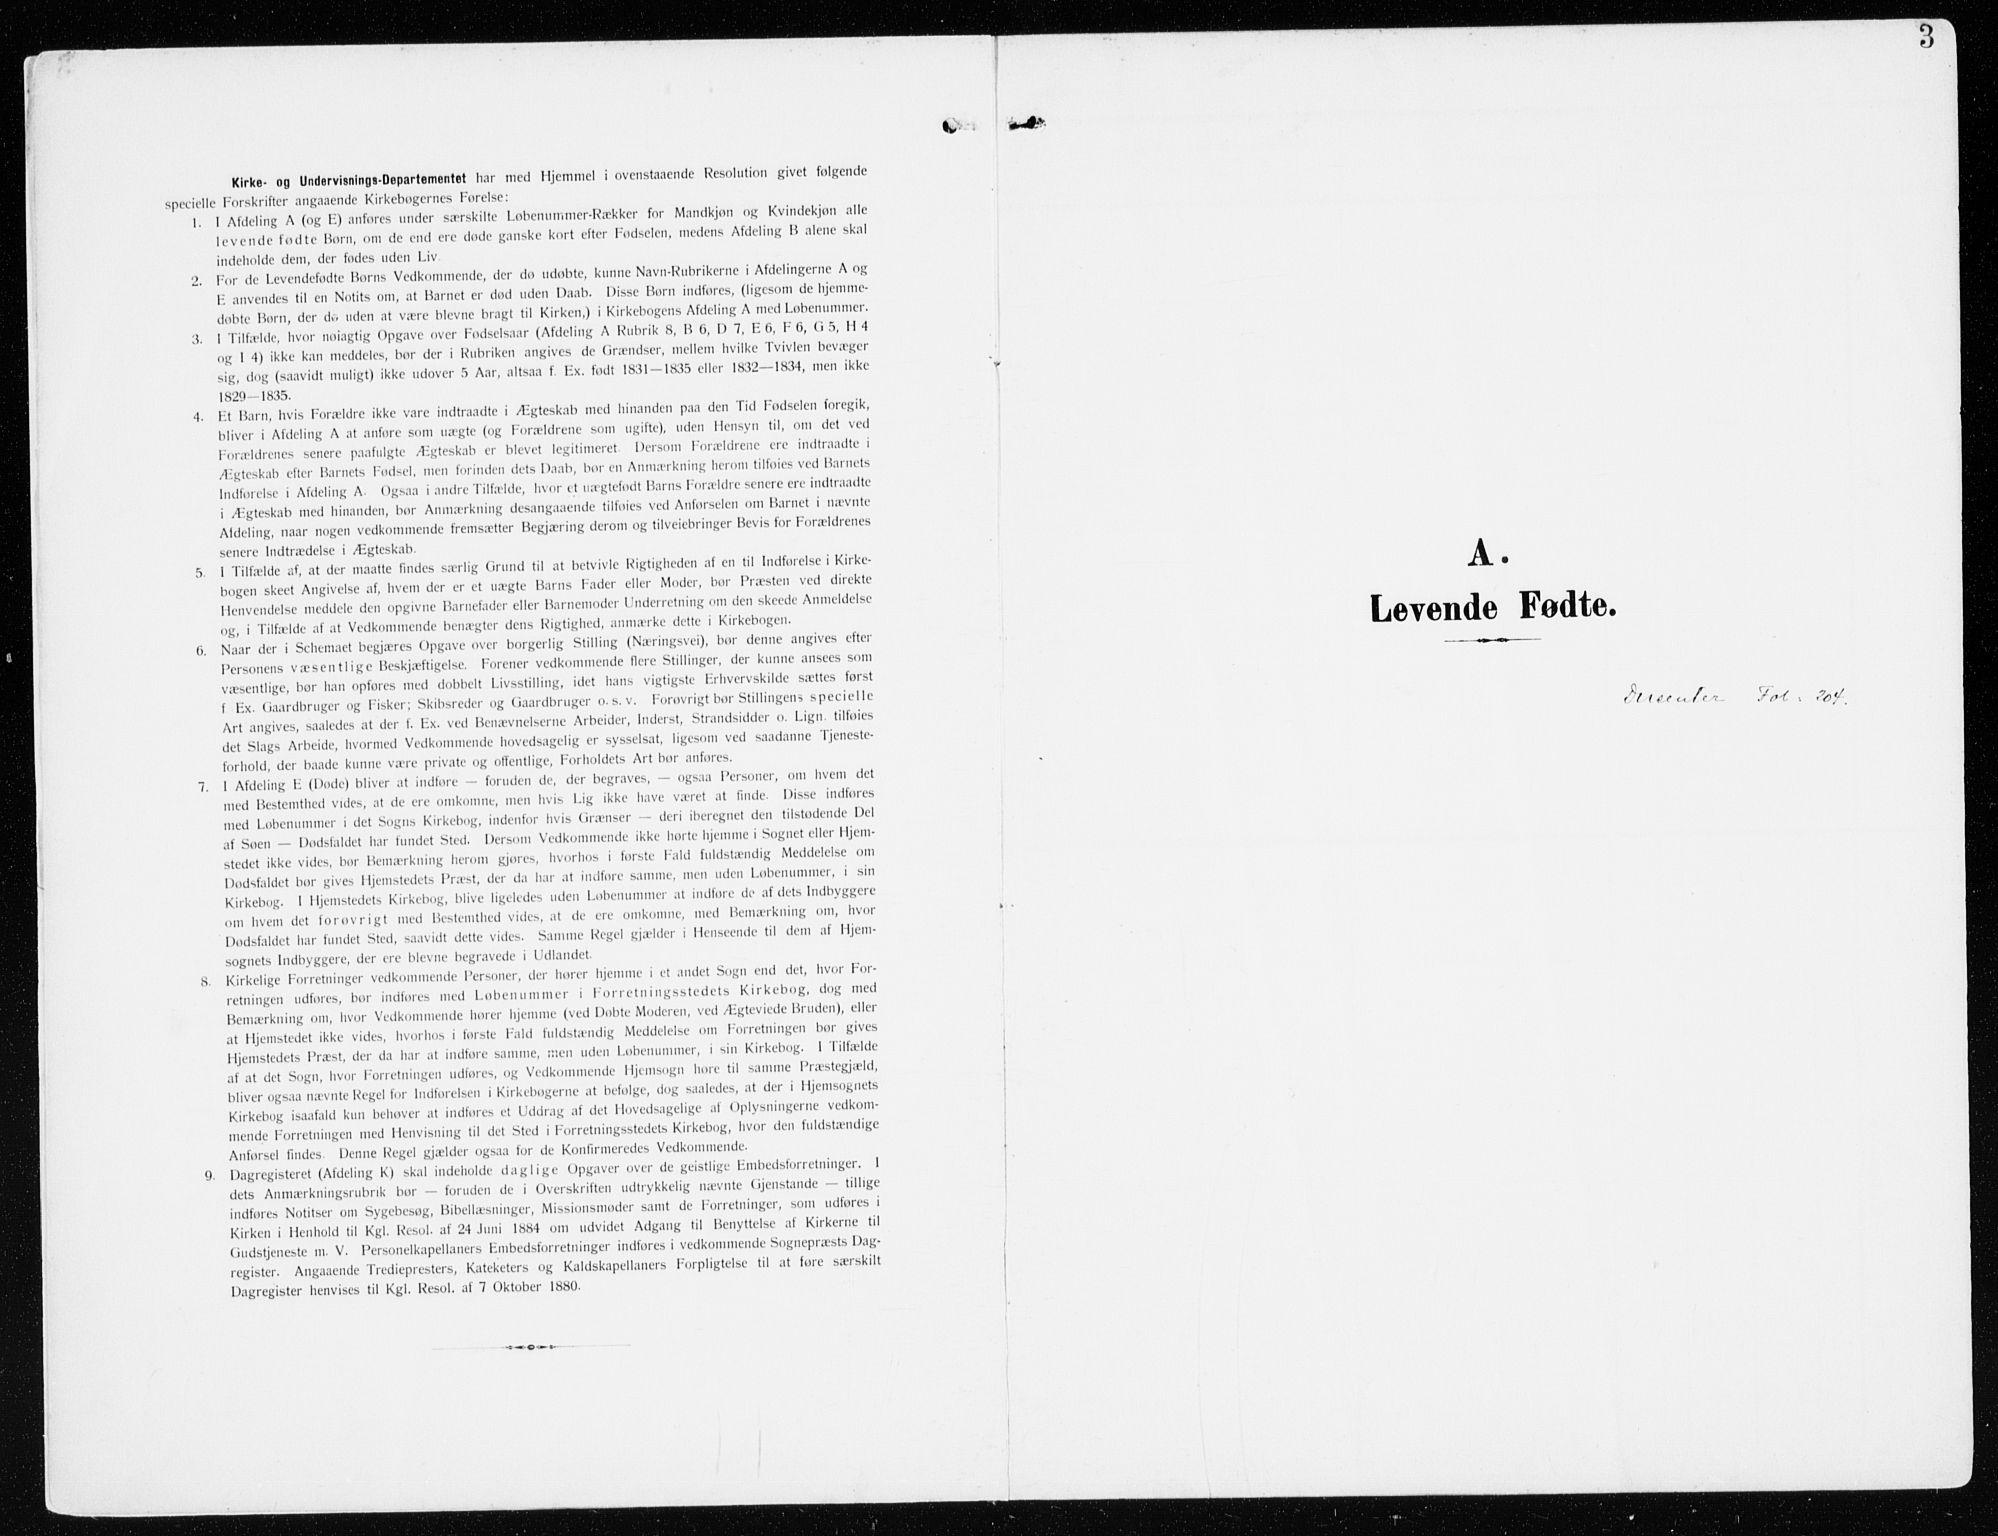 SAH, Furnes sokneprestkontor, K/Ka/L0001: Ministerialbok nr. 1, 1907-1935, s. 3